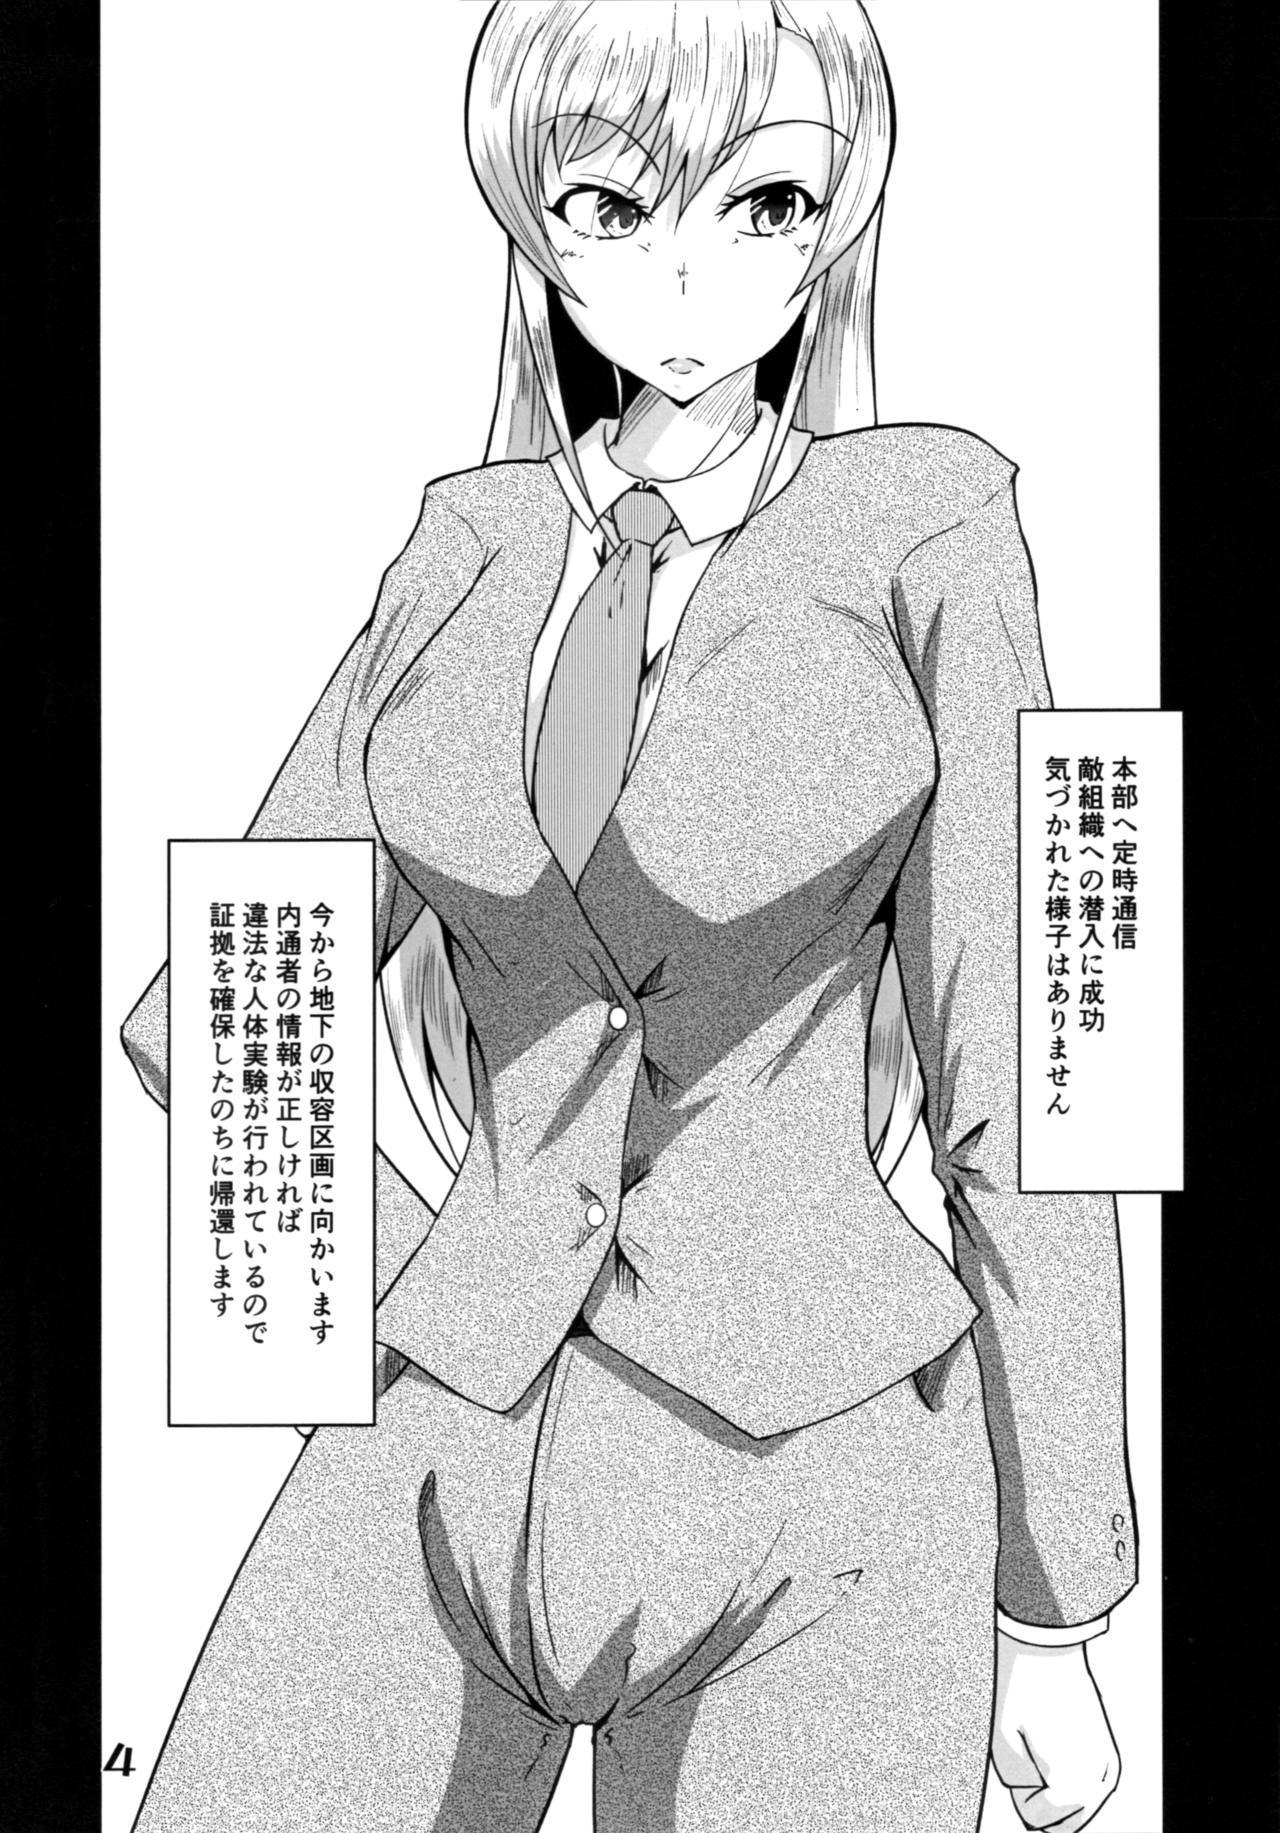 Mihiraki 2 Koma Mono 2